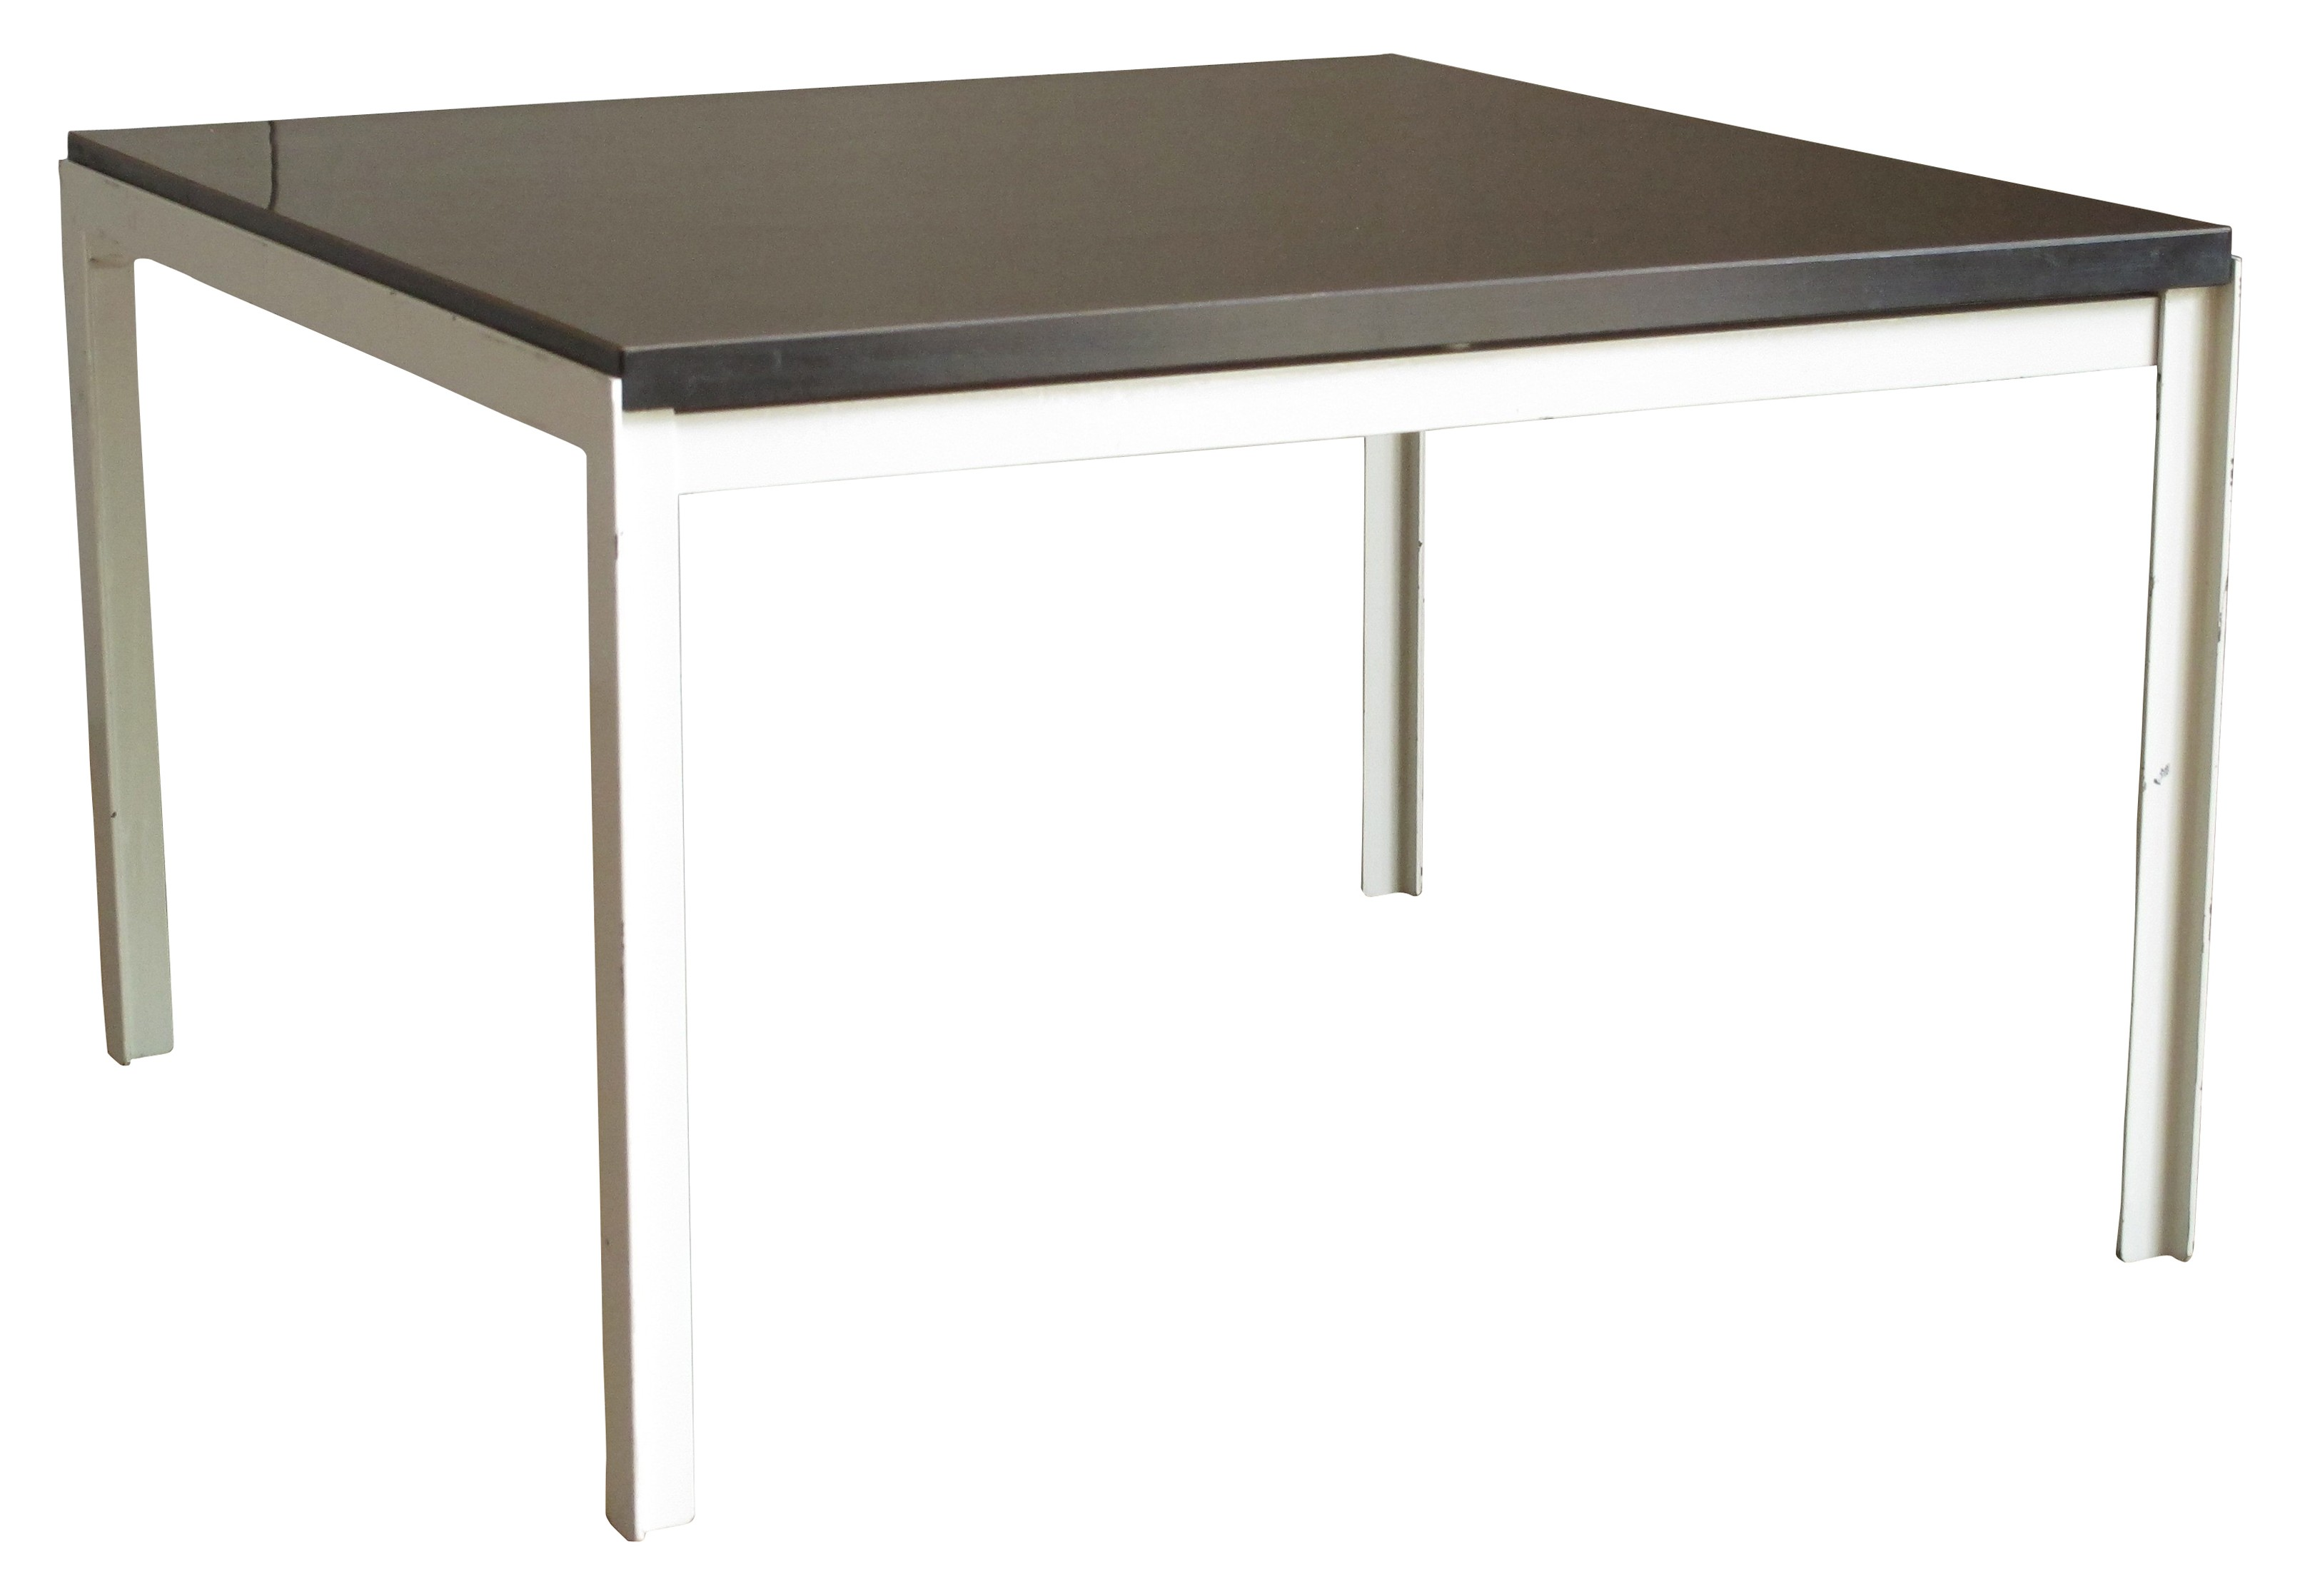 table basse marbre florence knoll maison et meuble de maison. Black Bedroom Furniture Sets. Home Design Ideas